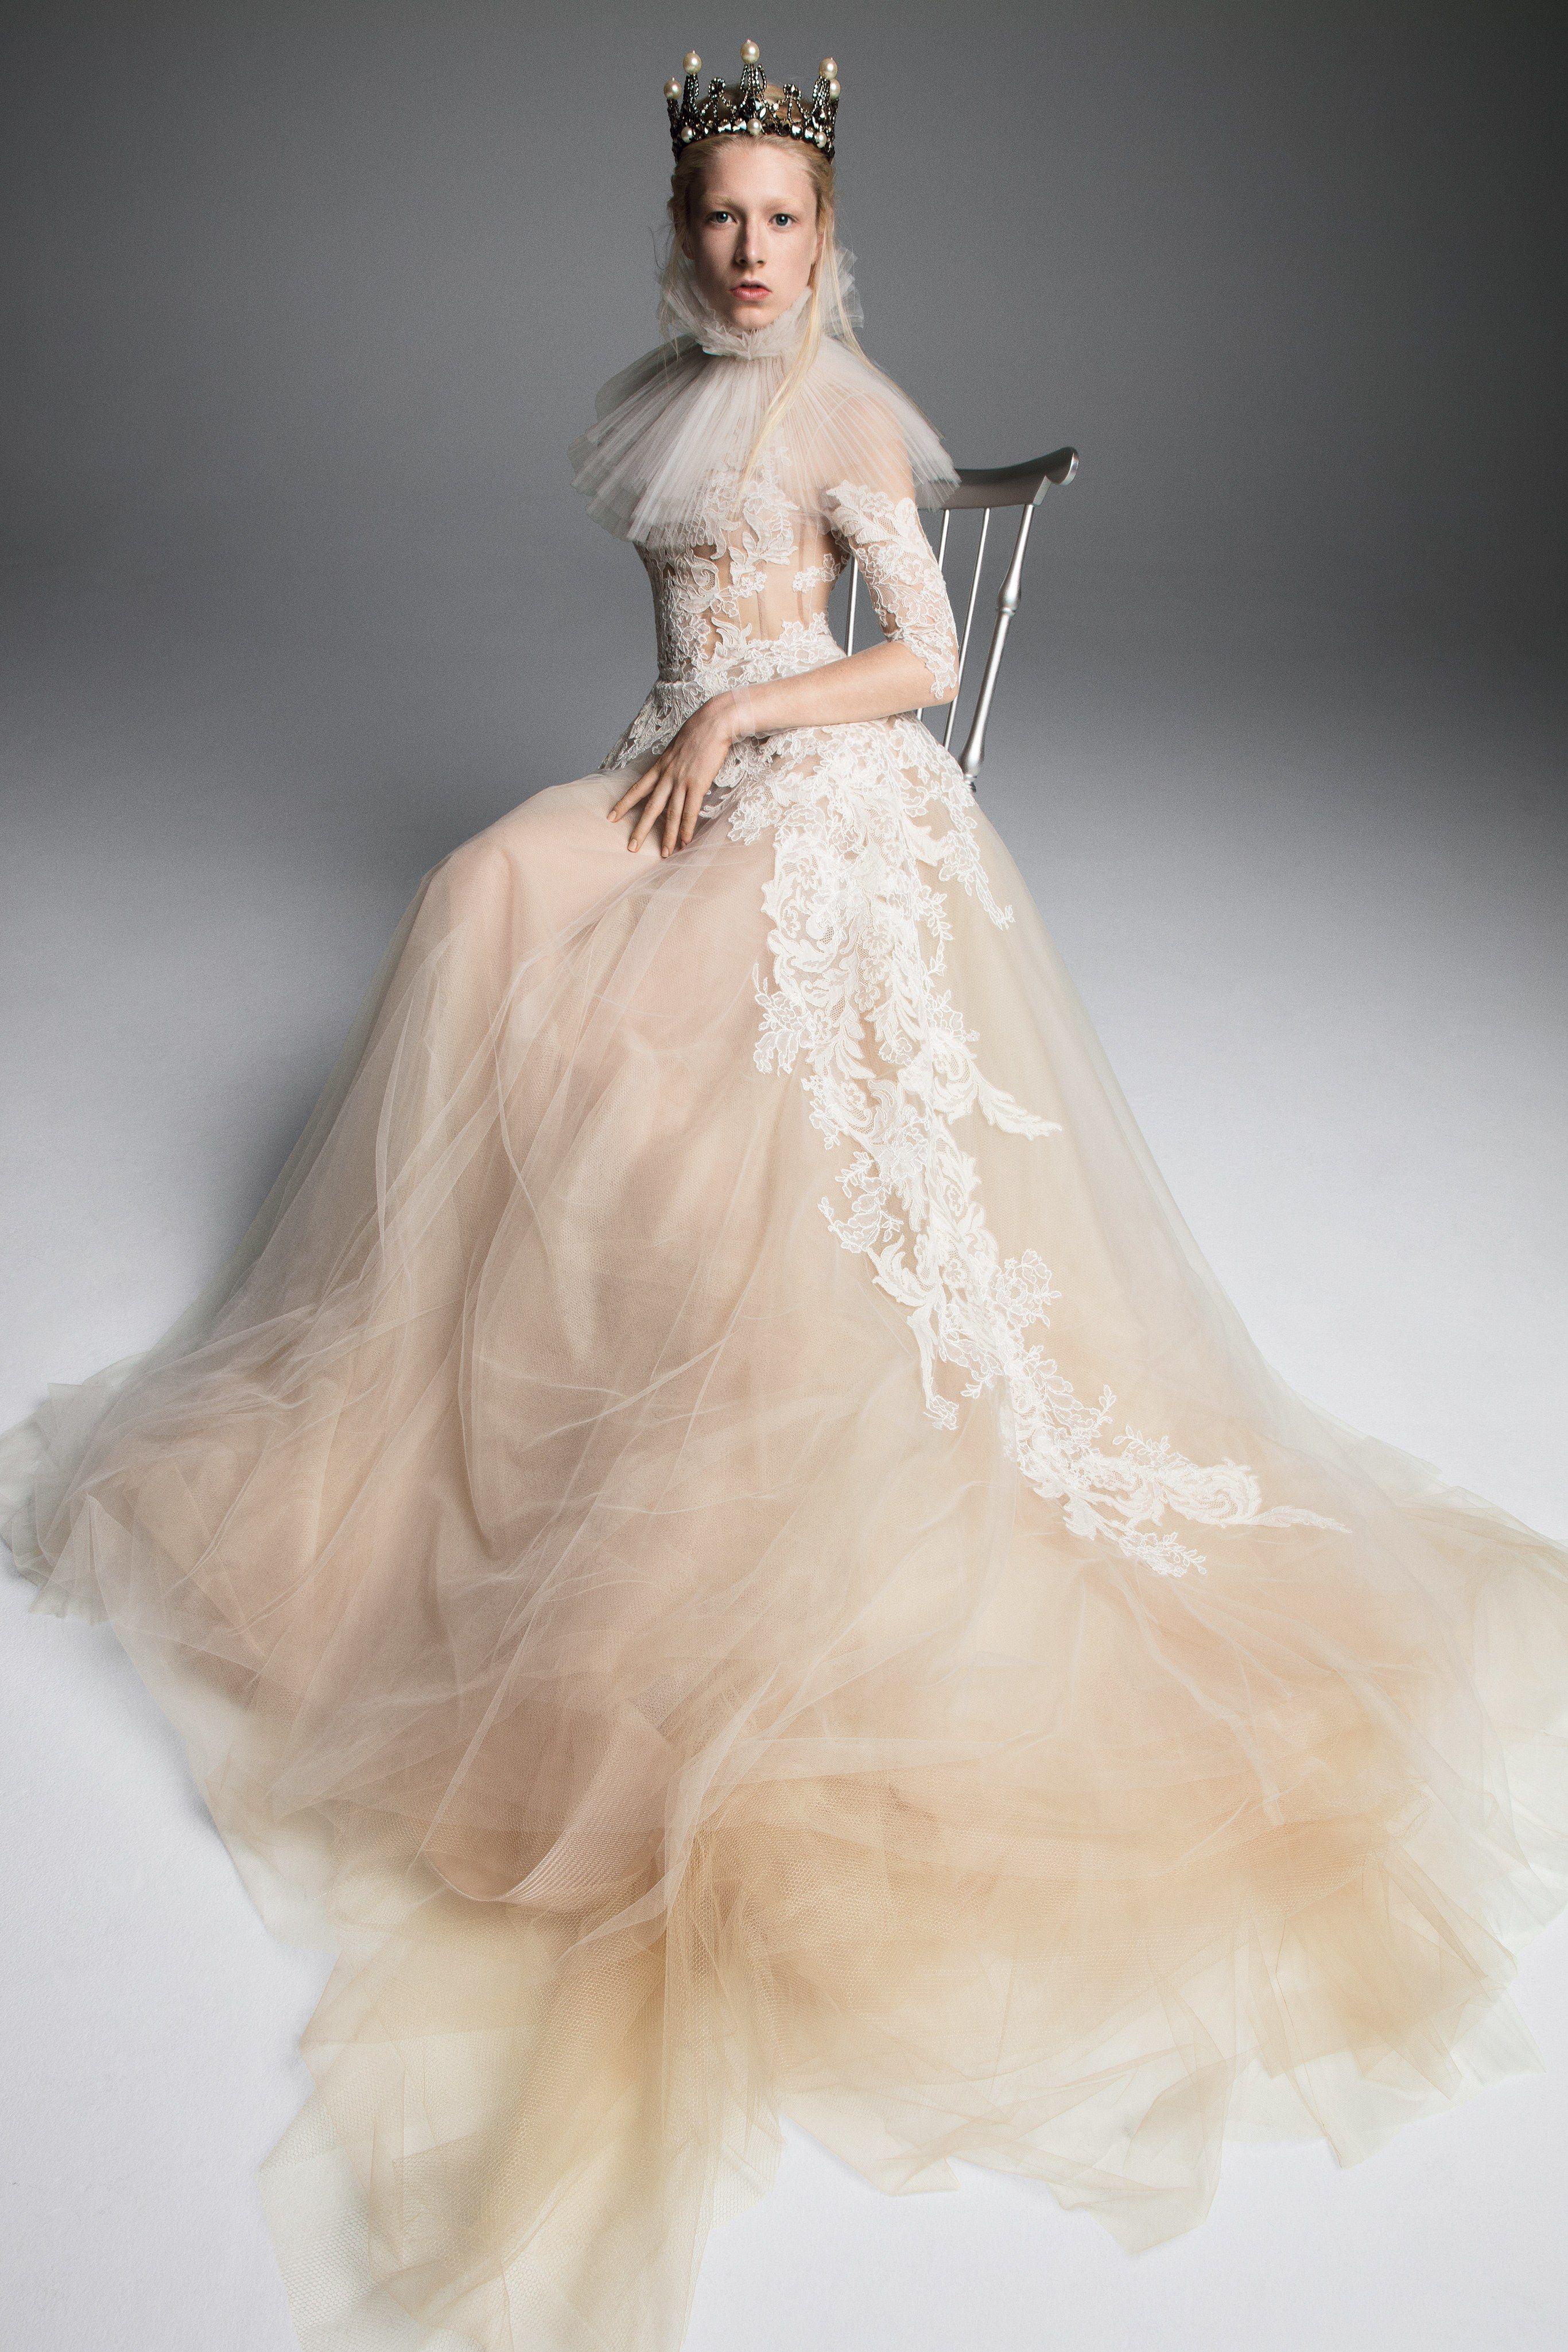 Vera Bridal Fall 2019 Fashion Show Foto Clic In